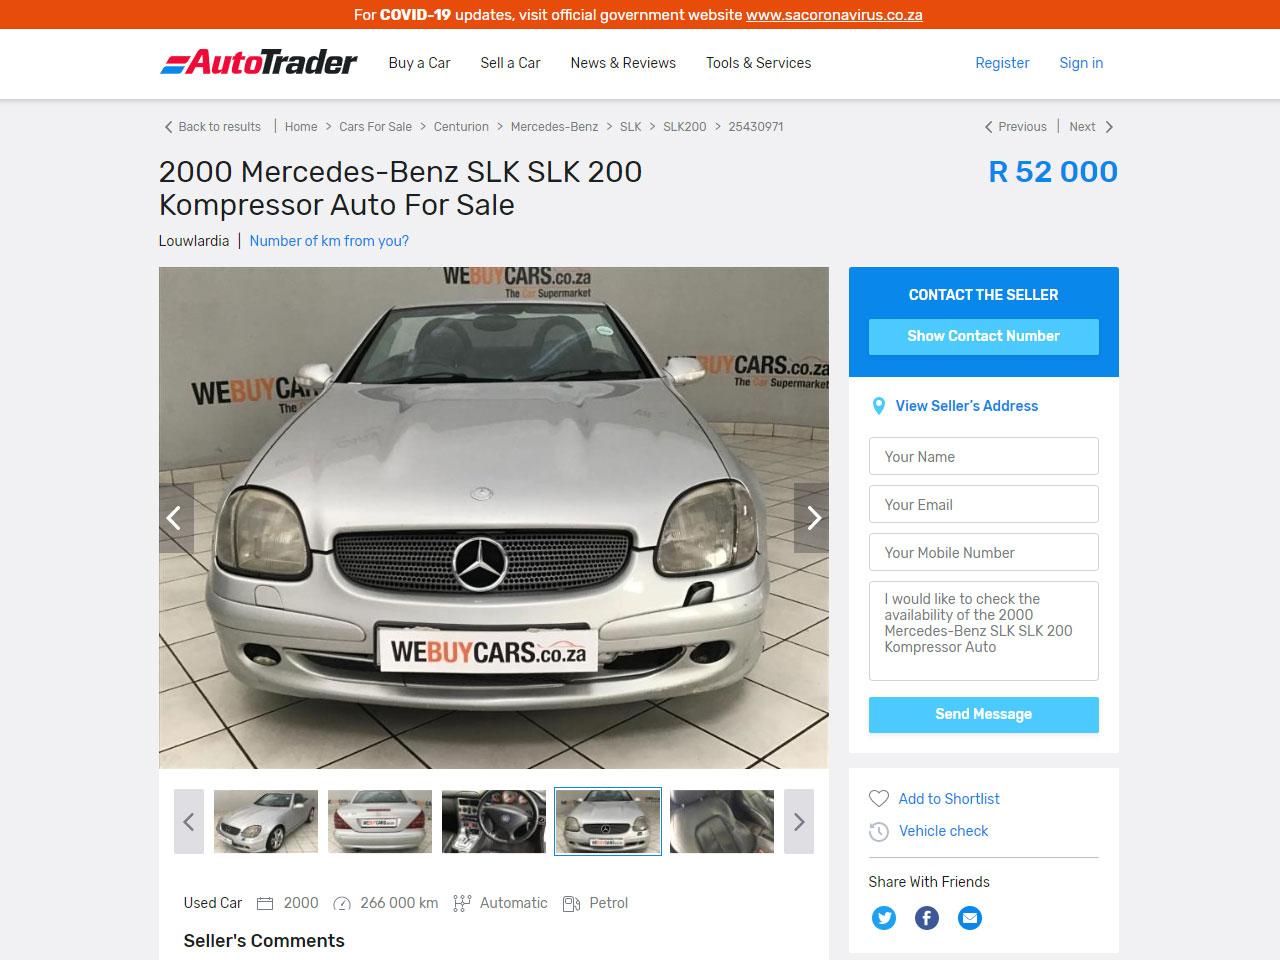 خودروهای کمتر از 100 میلیون تومان ؛ با 100 میلیون تومان چه اتومبیل هایی می توان خرید؟